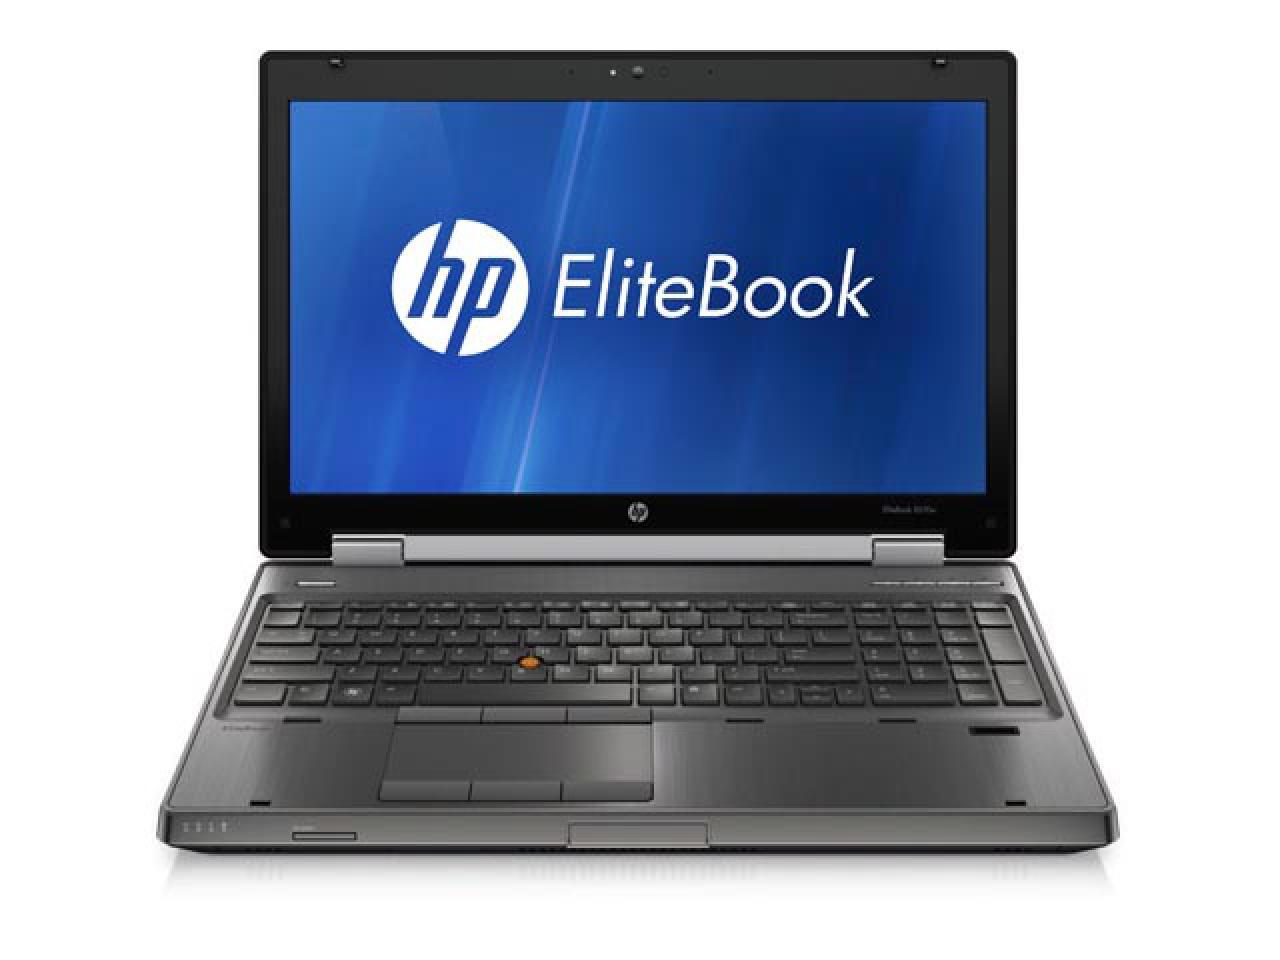 Hewlett Packard EliteBook 8570w  - shop.bb-net.de